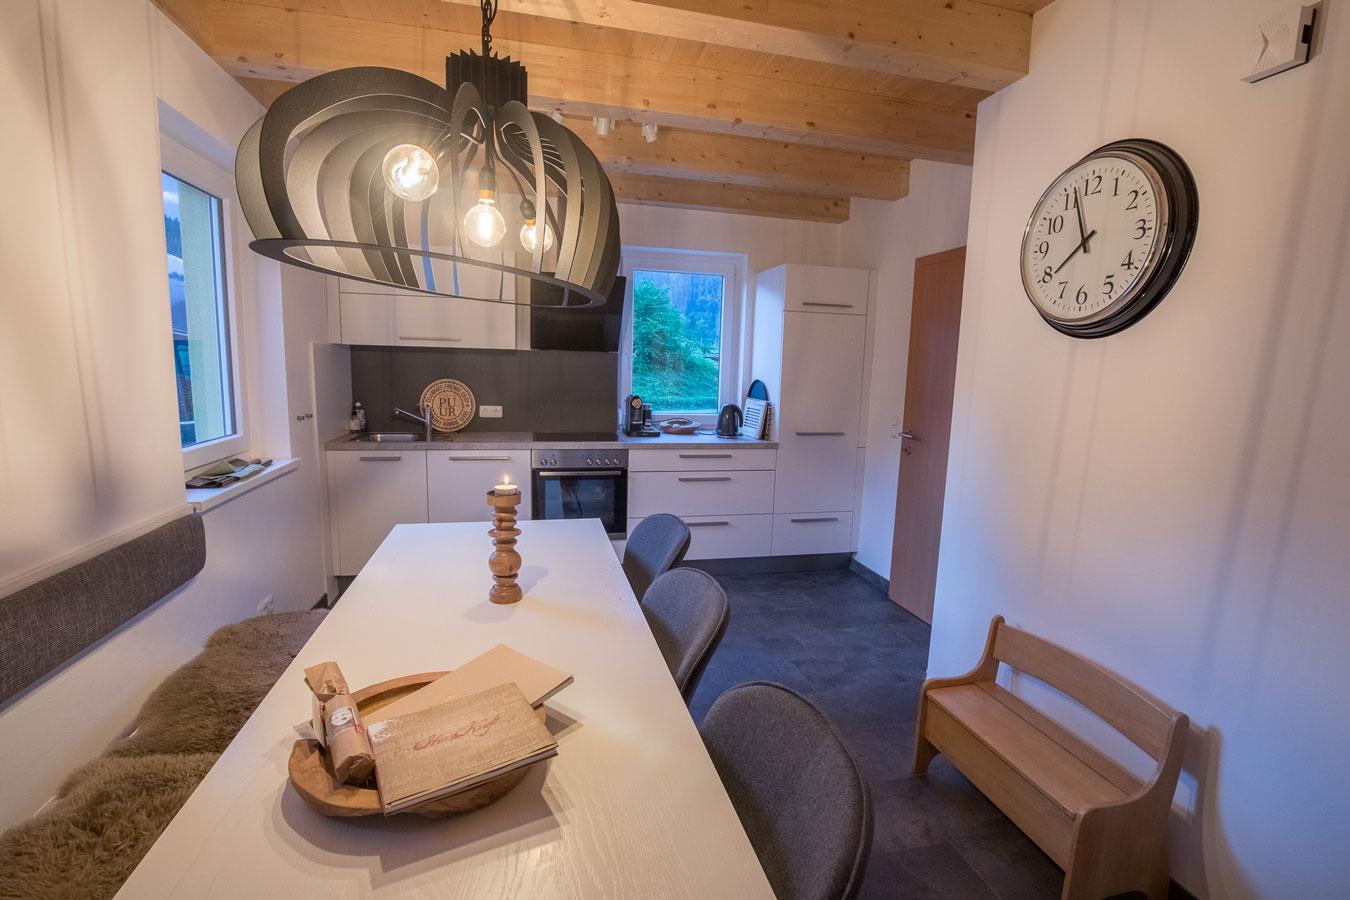 villa-sonnata-39-keuken